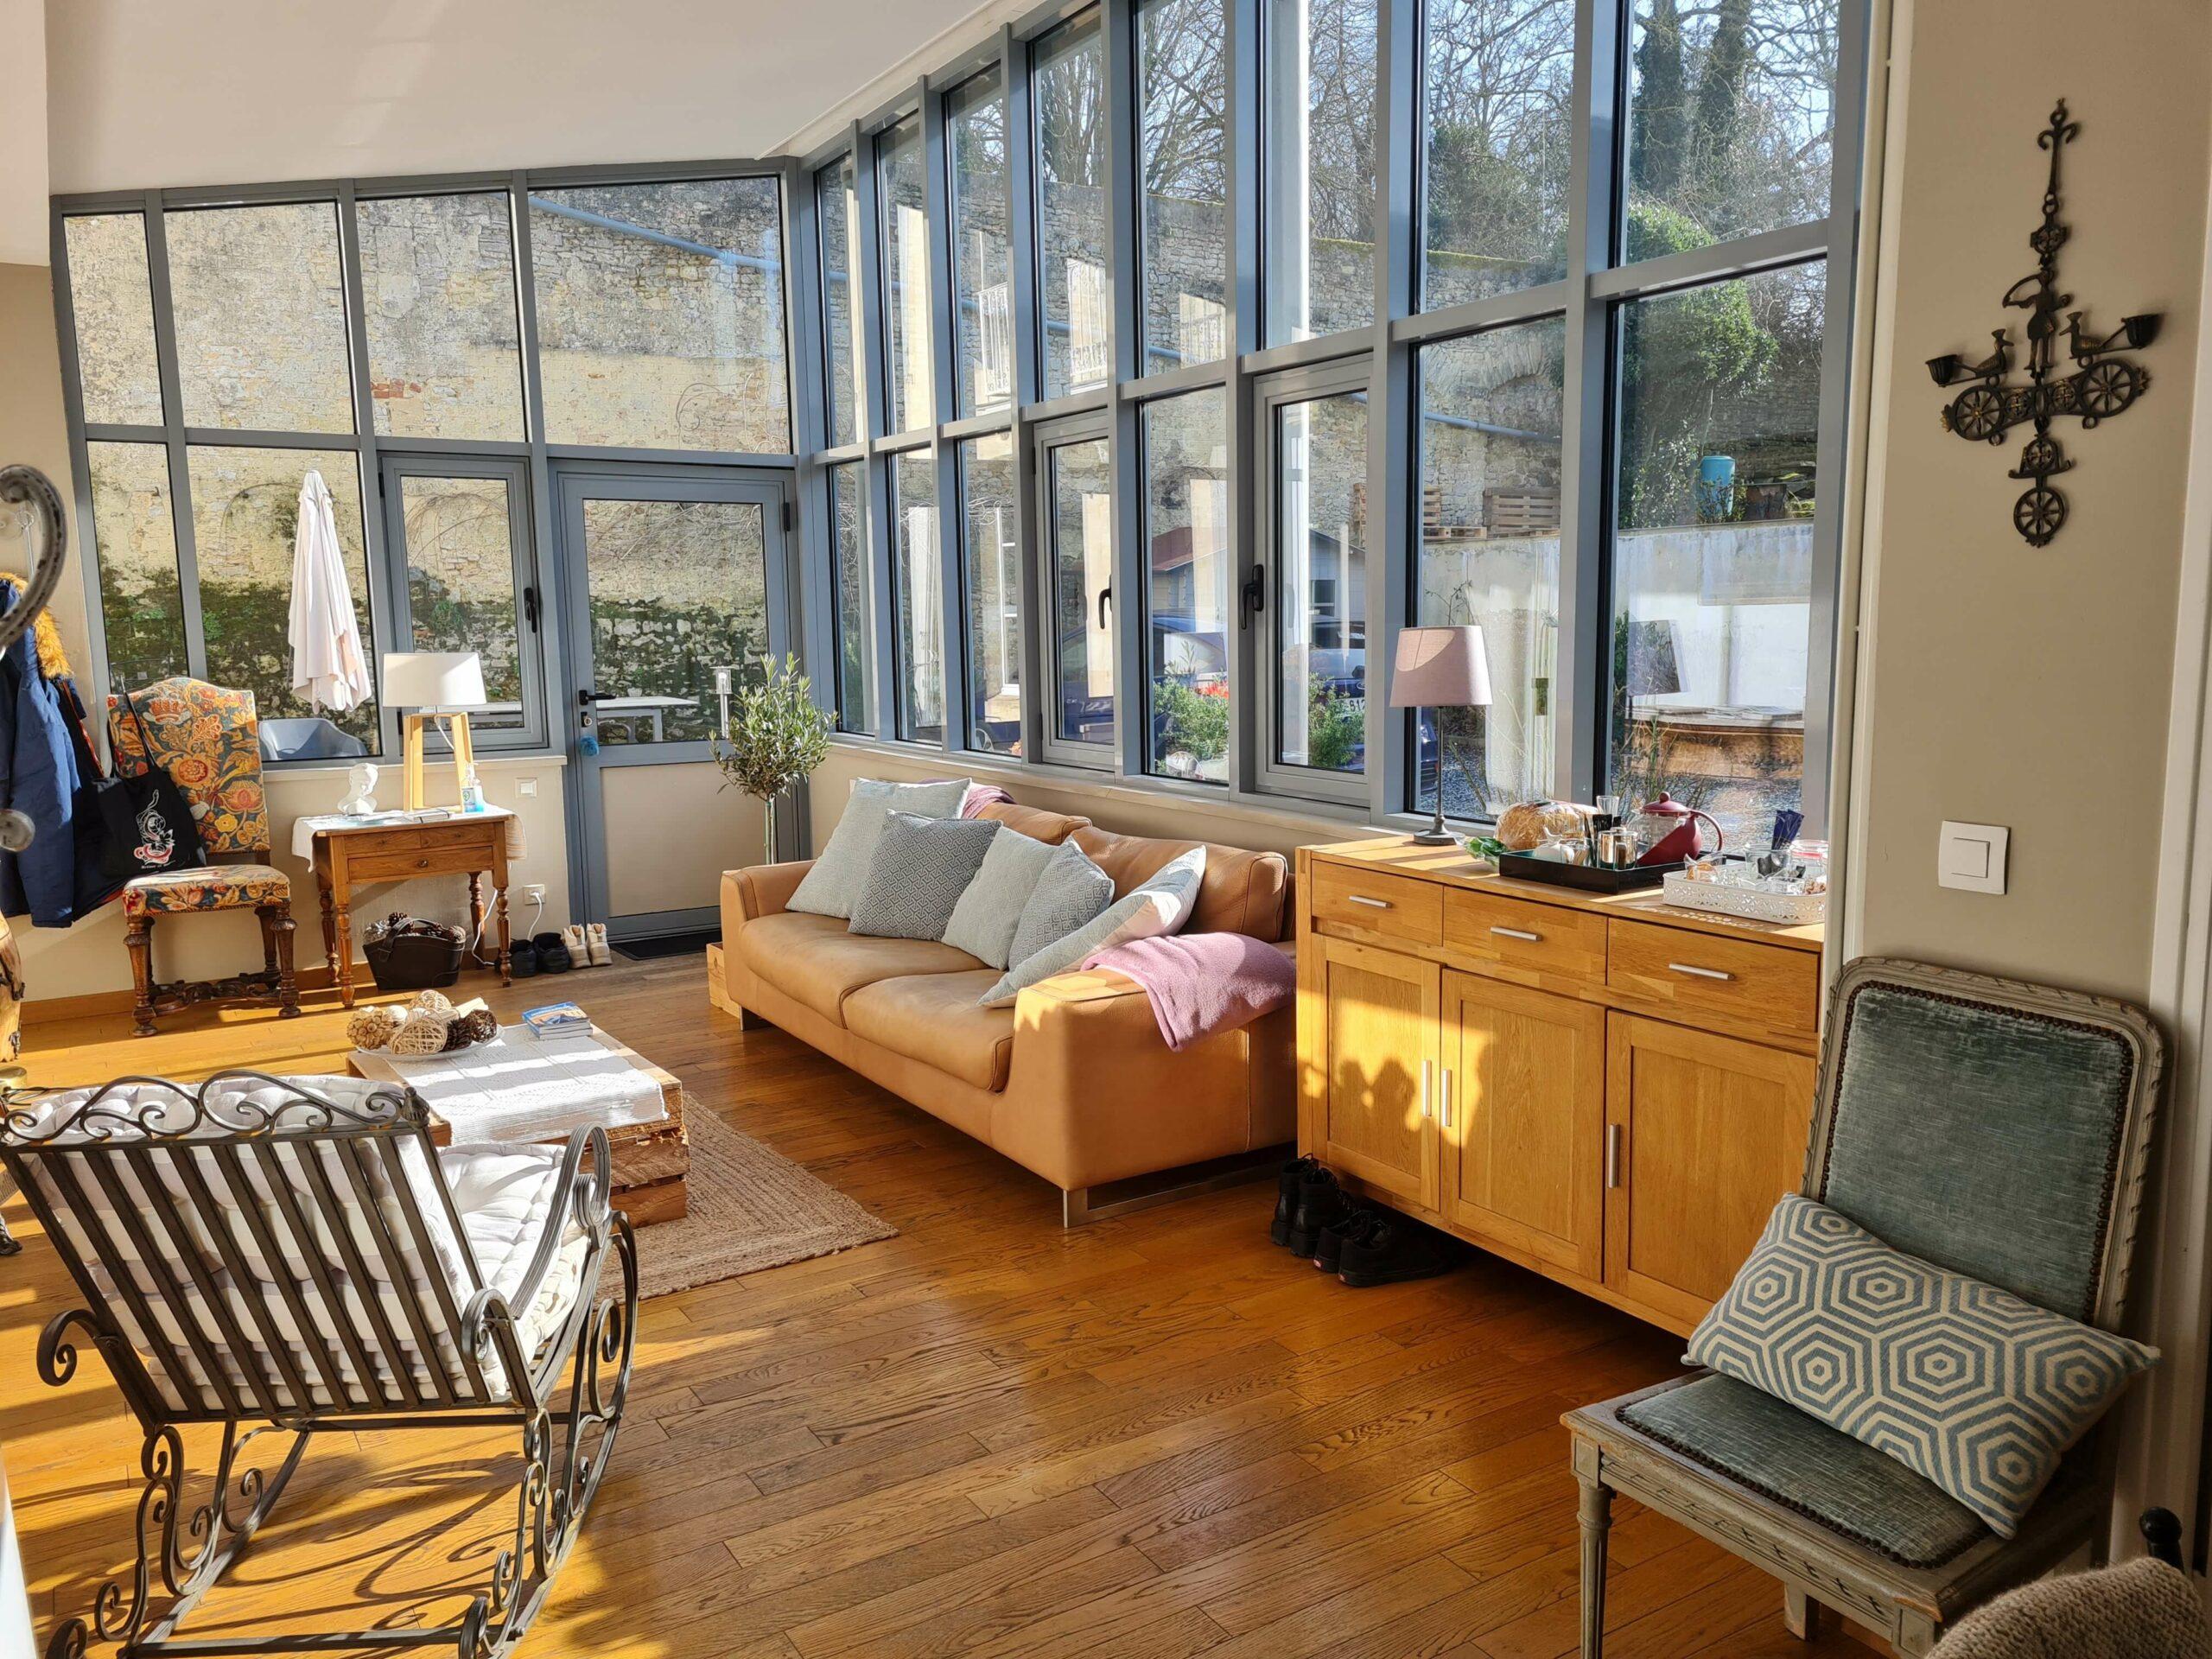 20210213 142812 scaled - Airbnb Tour : visite privée d'une tiny house à Bayeux